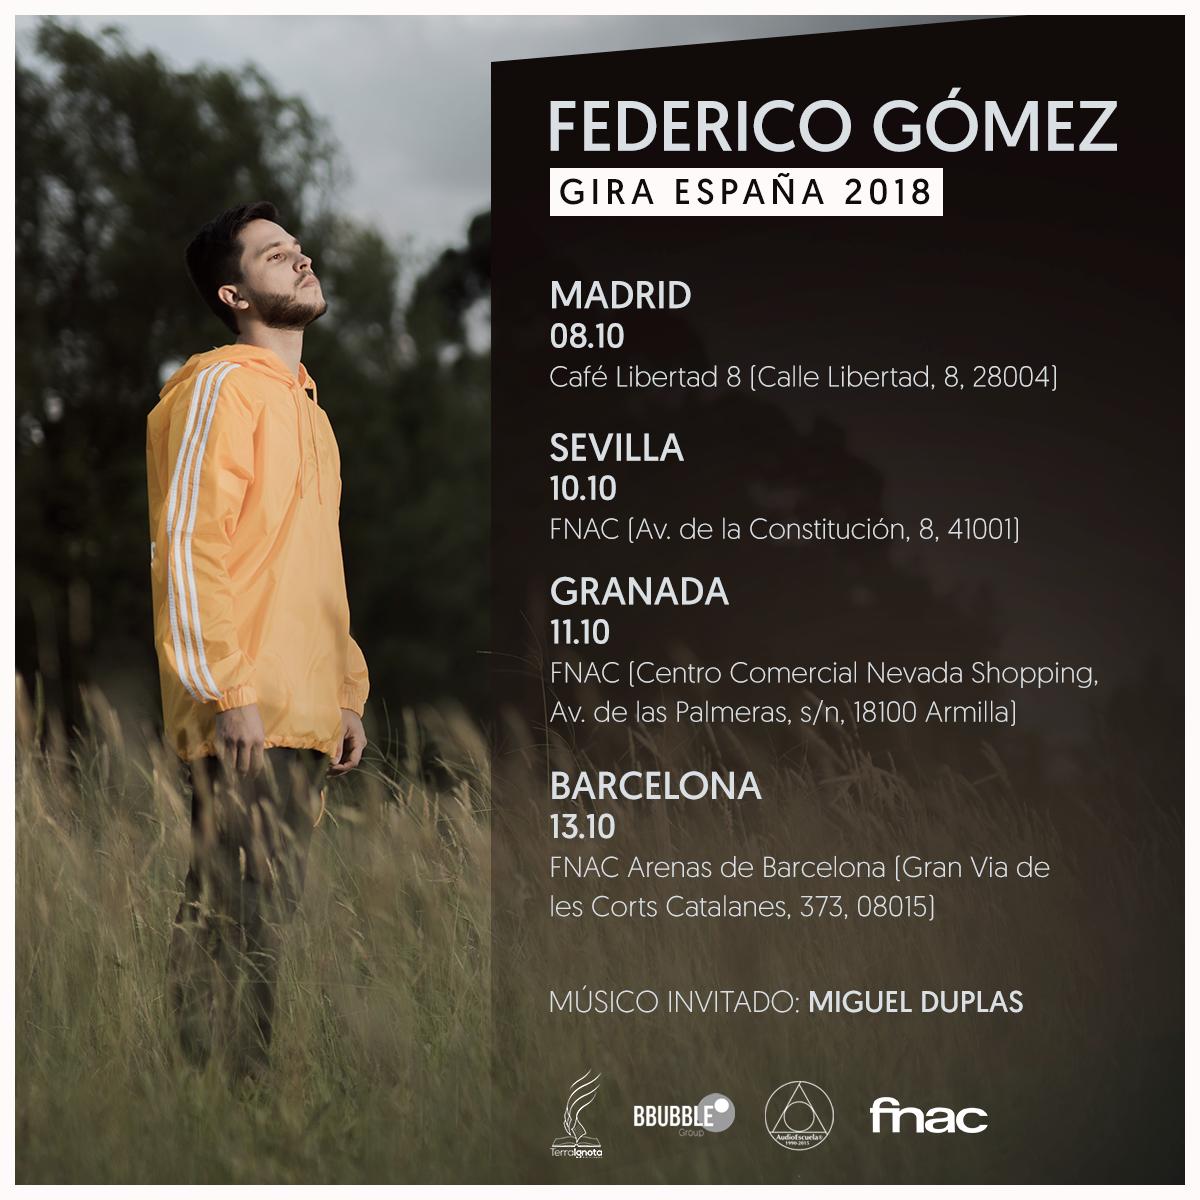 Gira-España-Federico-Gómez-2018-terra-ignota-www.terraignotaediciones.com-Publicar-un-libro-editar-Madrid-Barcelona-cataluña-españa-català-Andalucia-coedicion-00